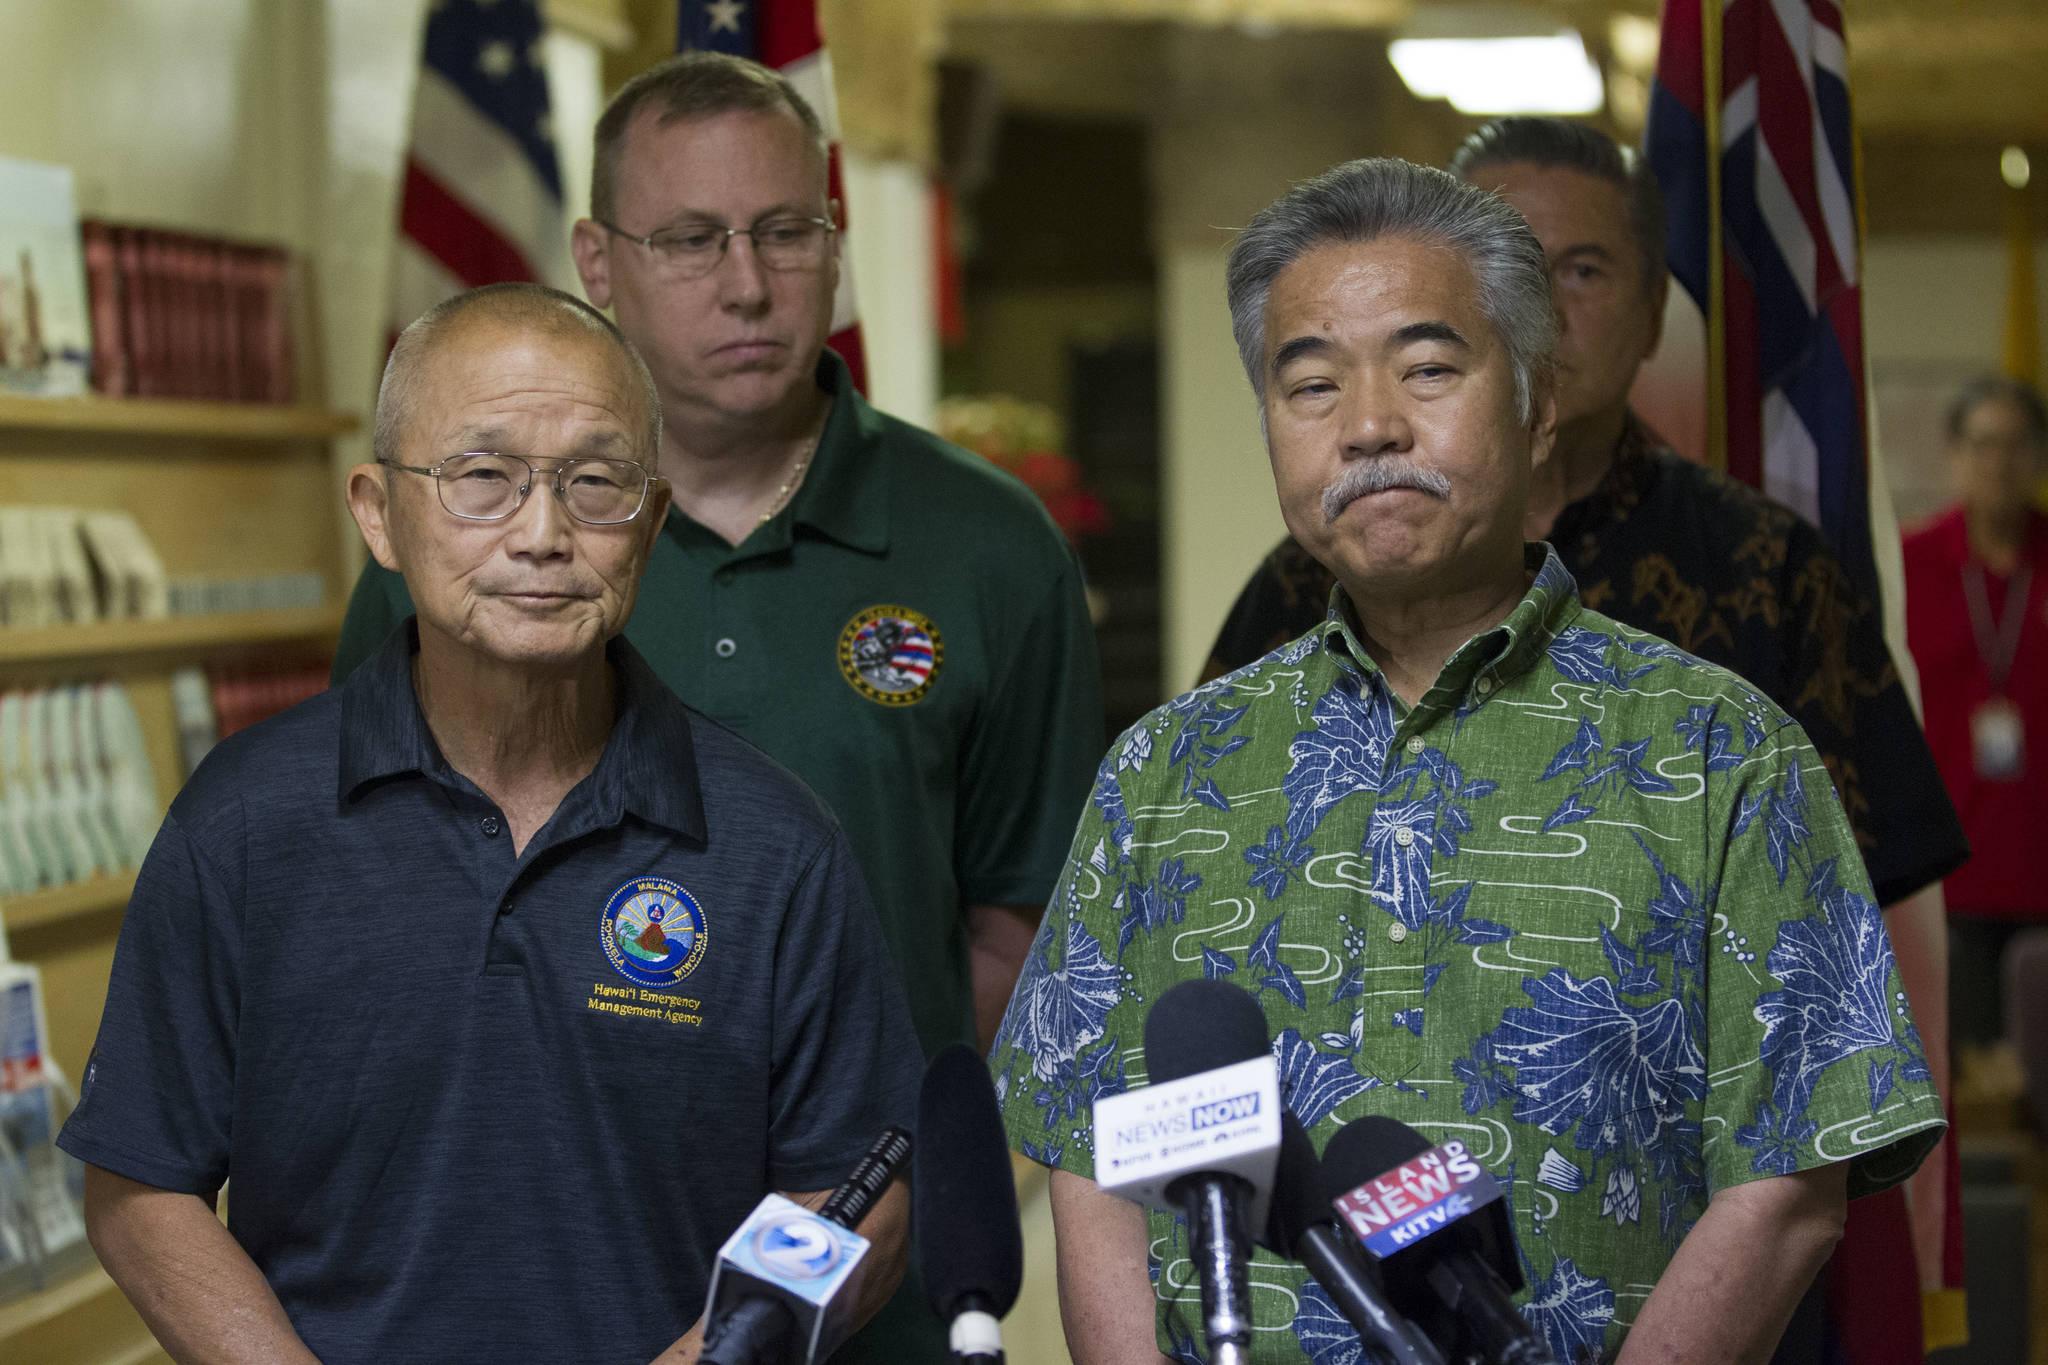 데이비드 이게 하와이 주지사가 13일(현지시간) 기자회견에서 오경보 발령은 주정부 비상관리국(HEMA)이 경보 시스템을 점검하다 빚은 실수였다고 밝히고 있다.[AP=연합뉴스]